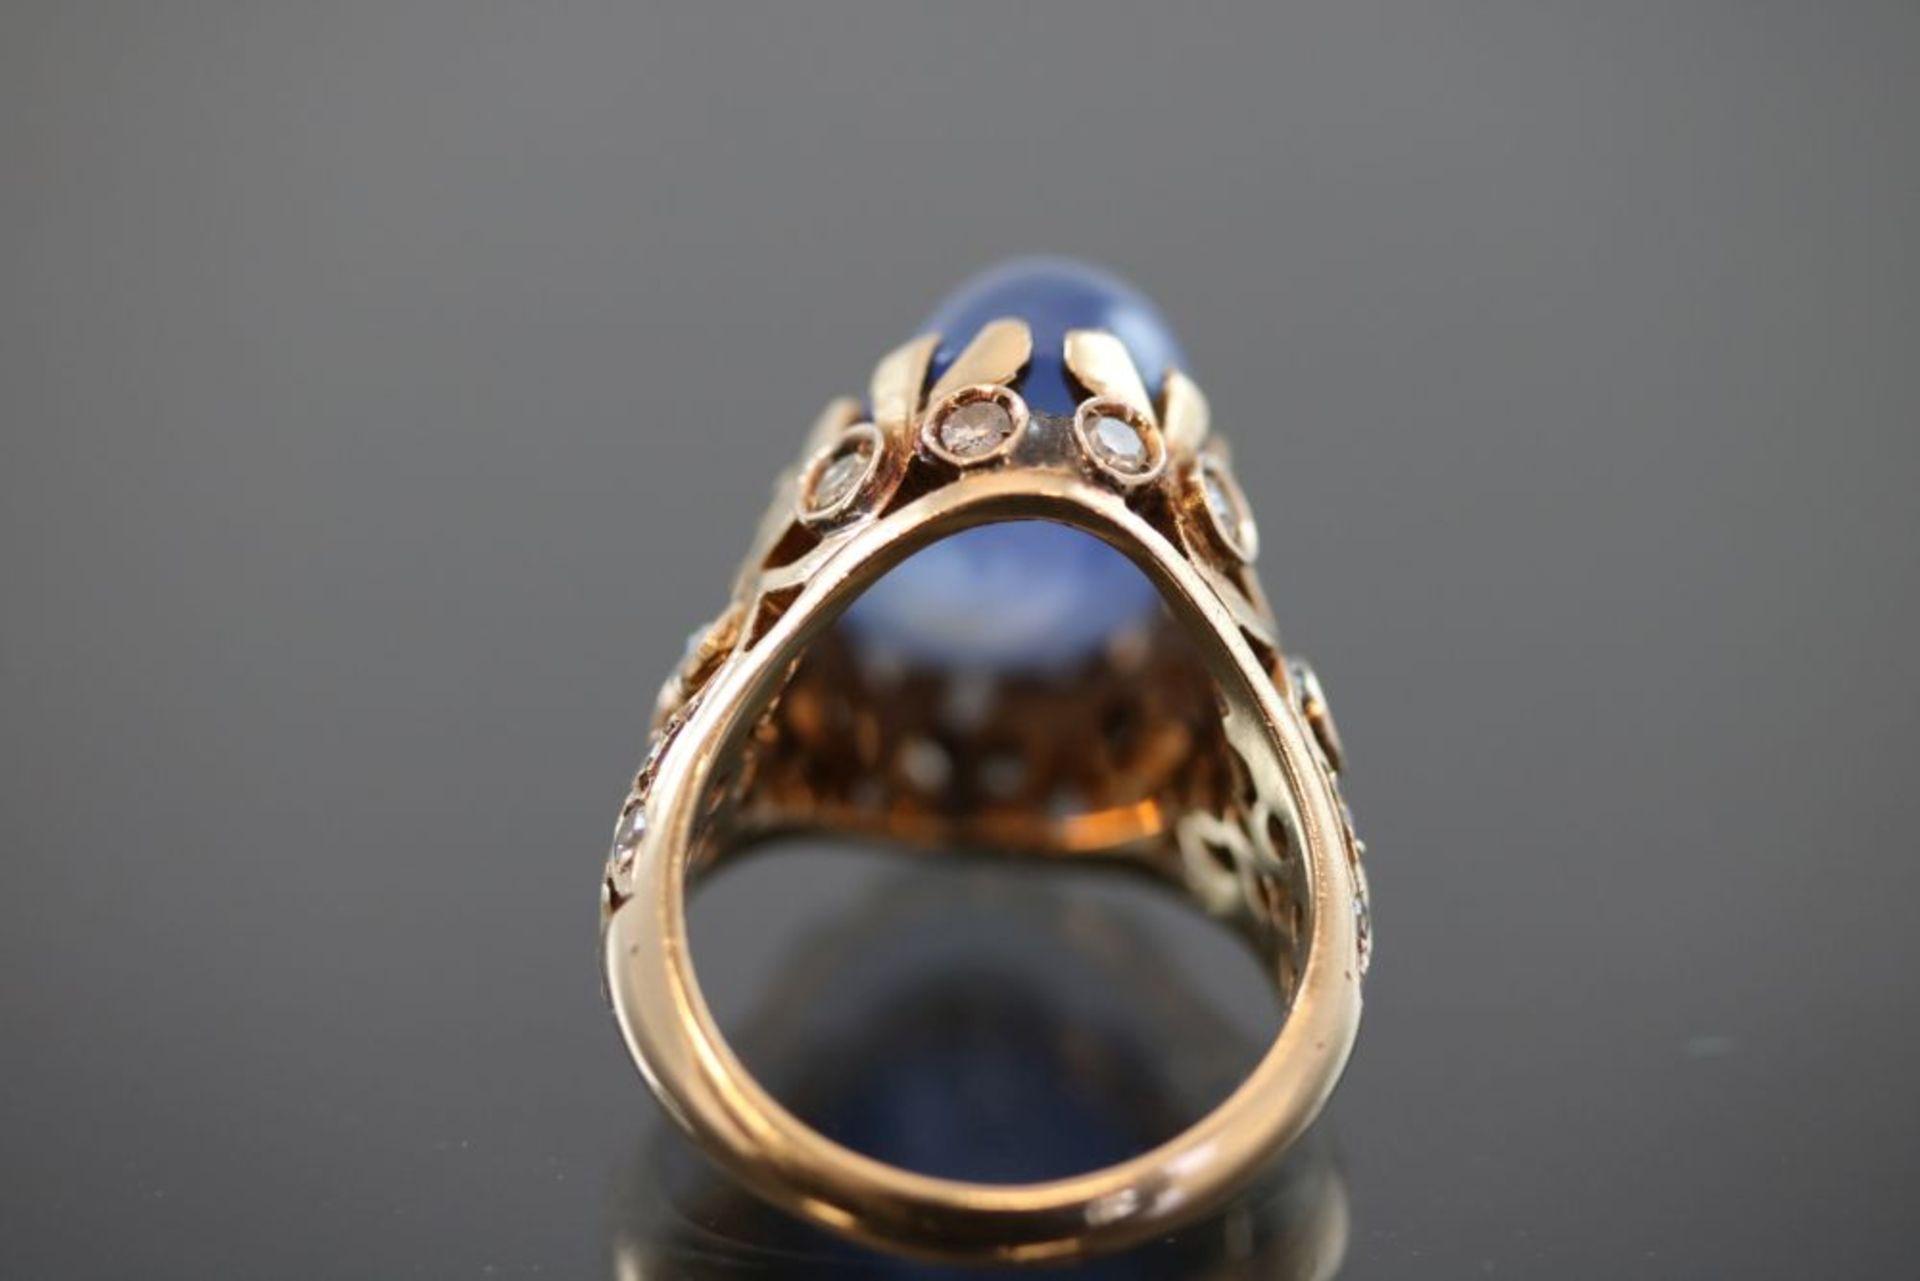 Saphir-Diamant-Ring, 585 Gold - Bild 3 aus 3